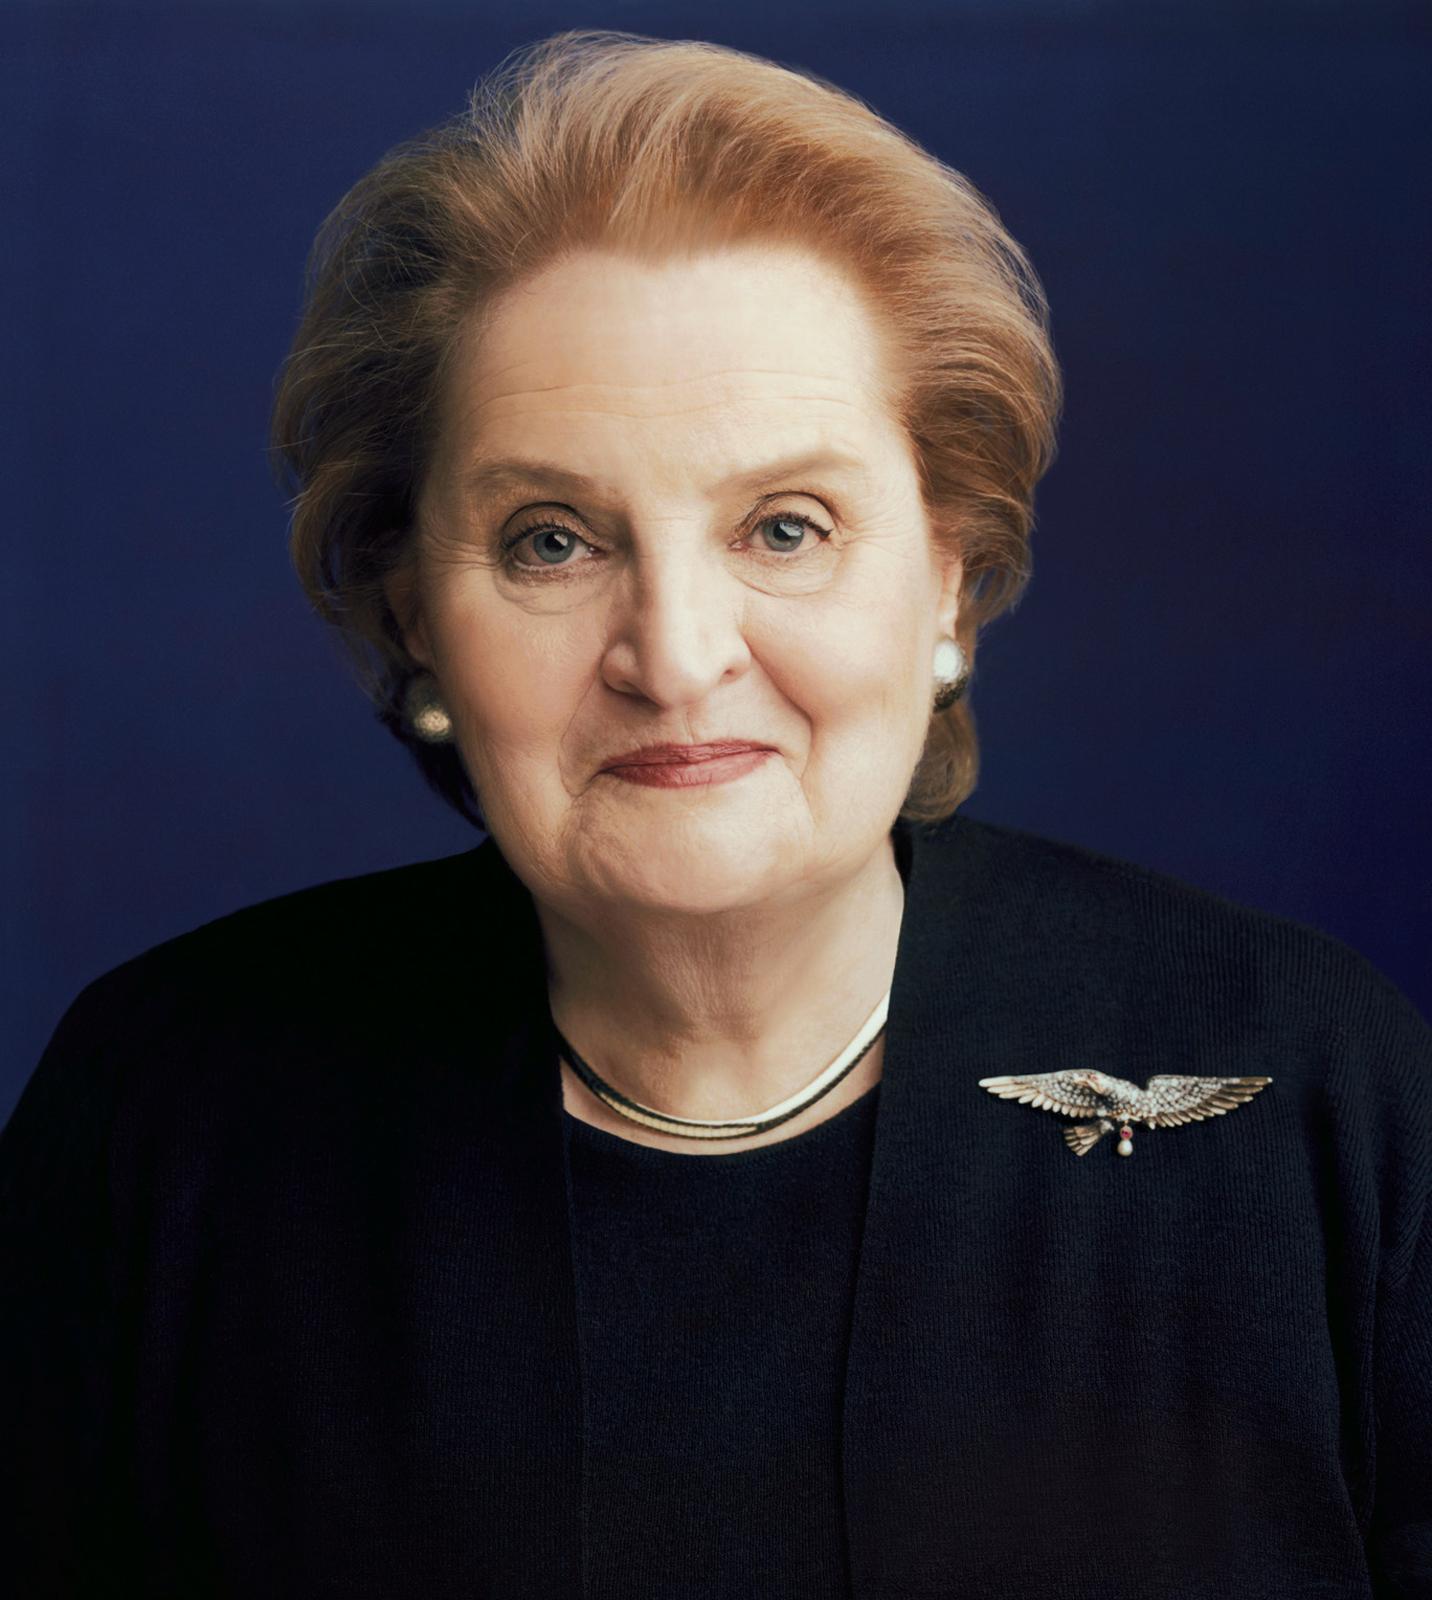 Madeleine-K-Albright